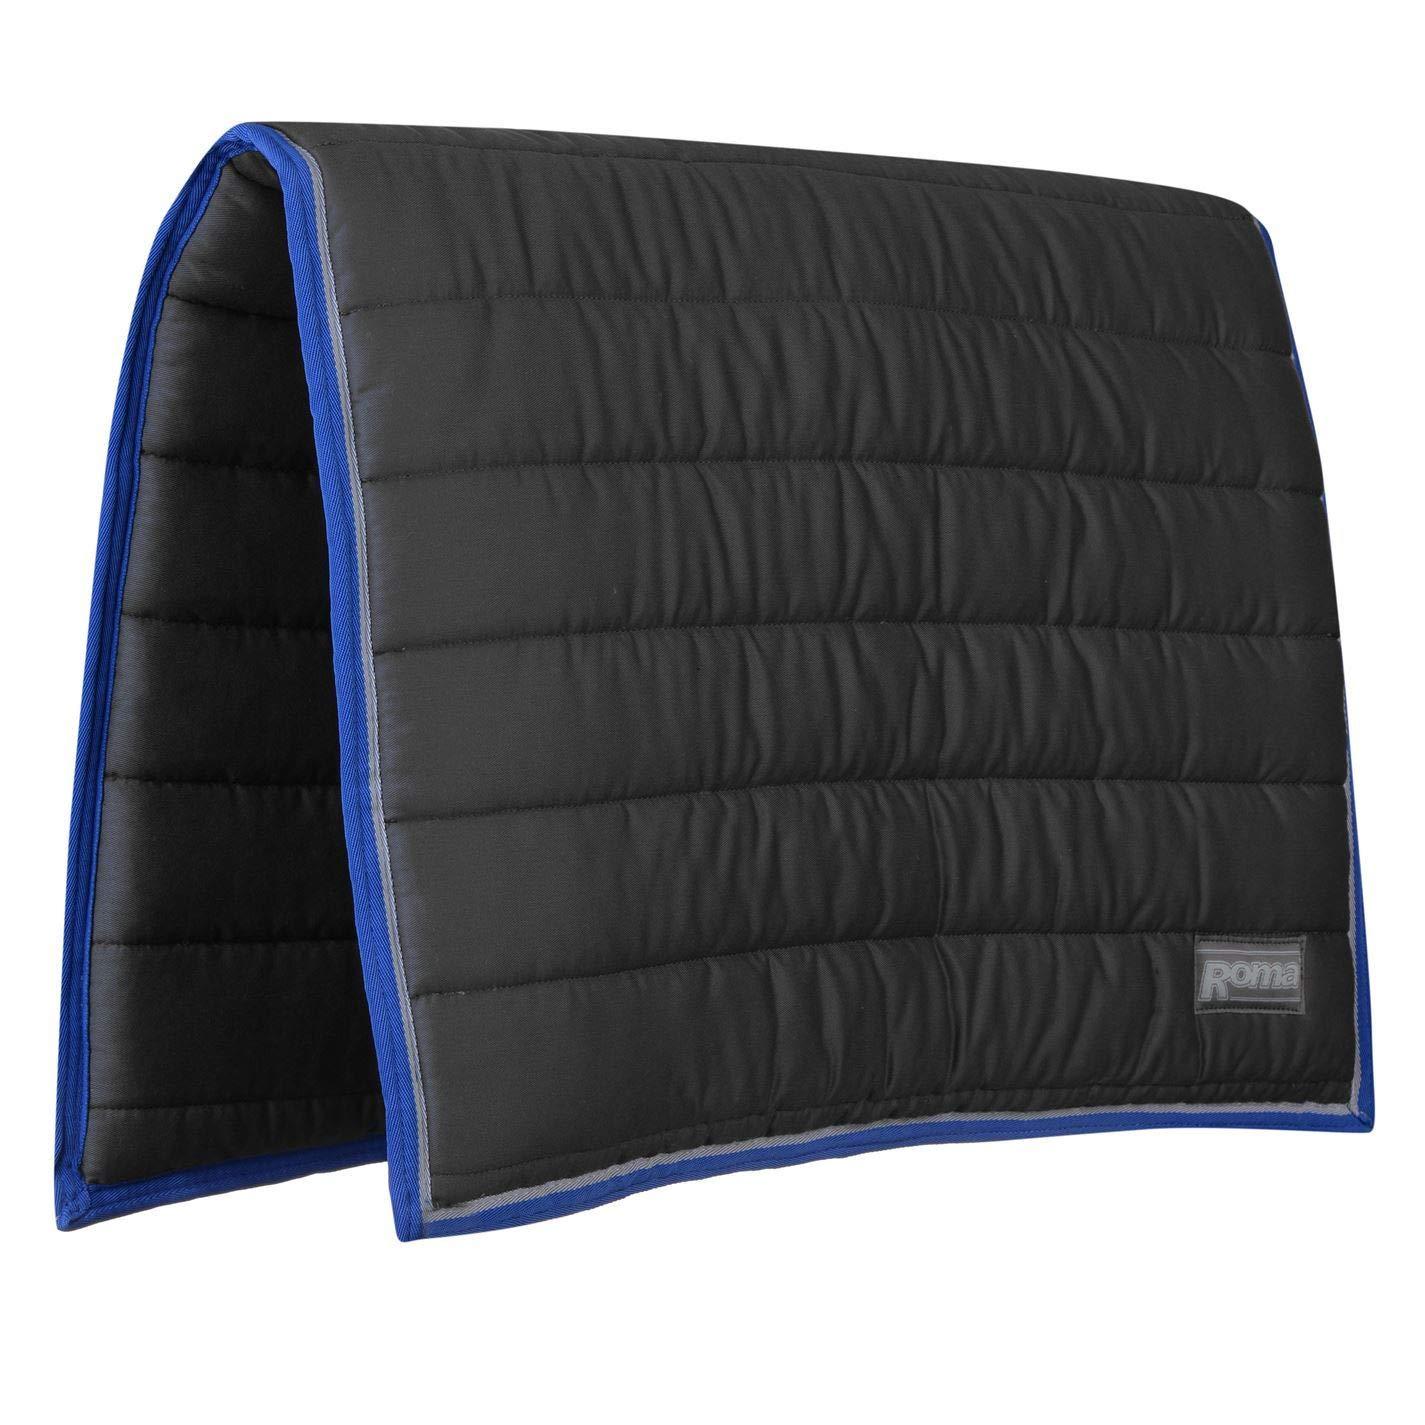 Grey bluee FullRoma Comfort Saddle Pad Numnah Cloth Horse Riding Tack